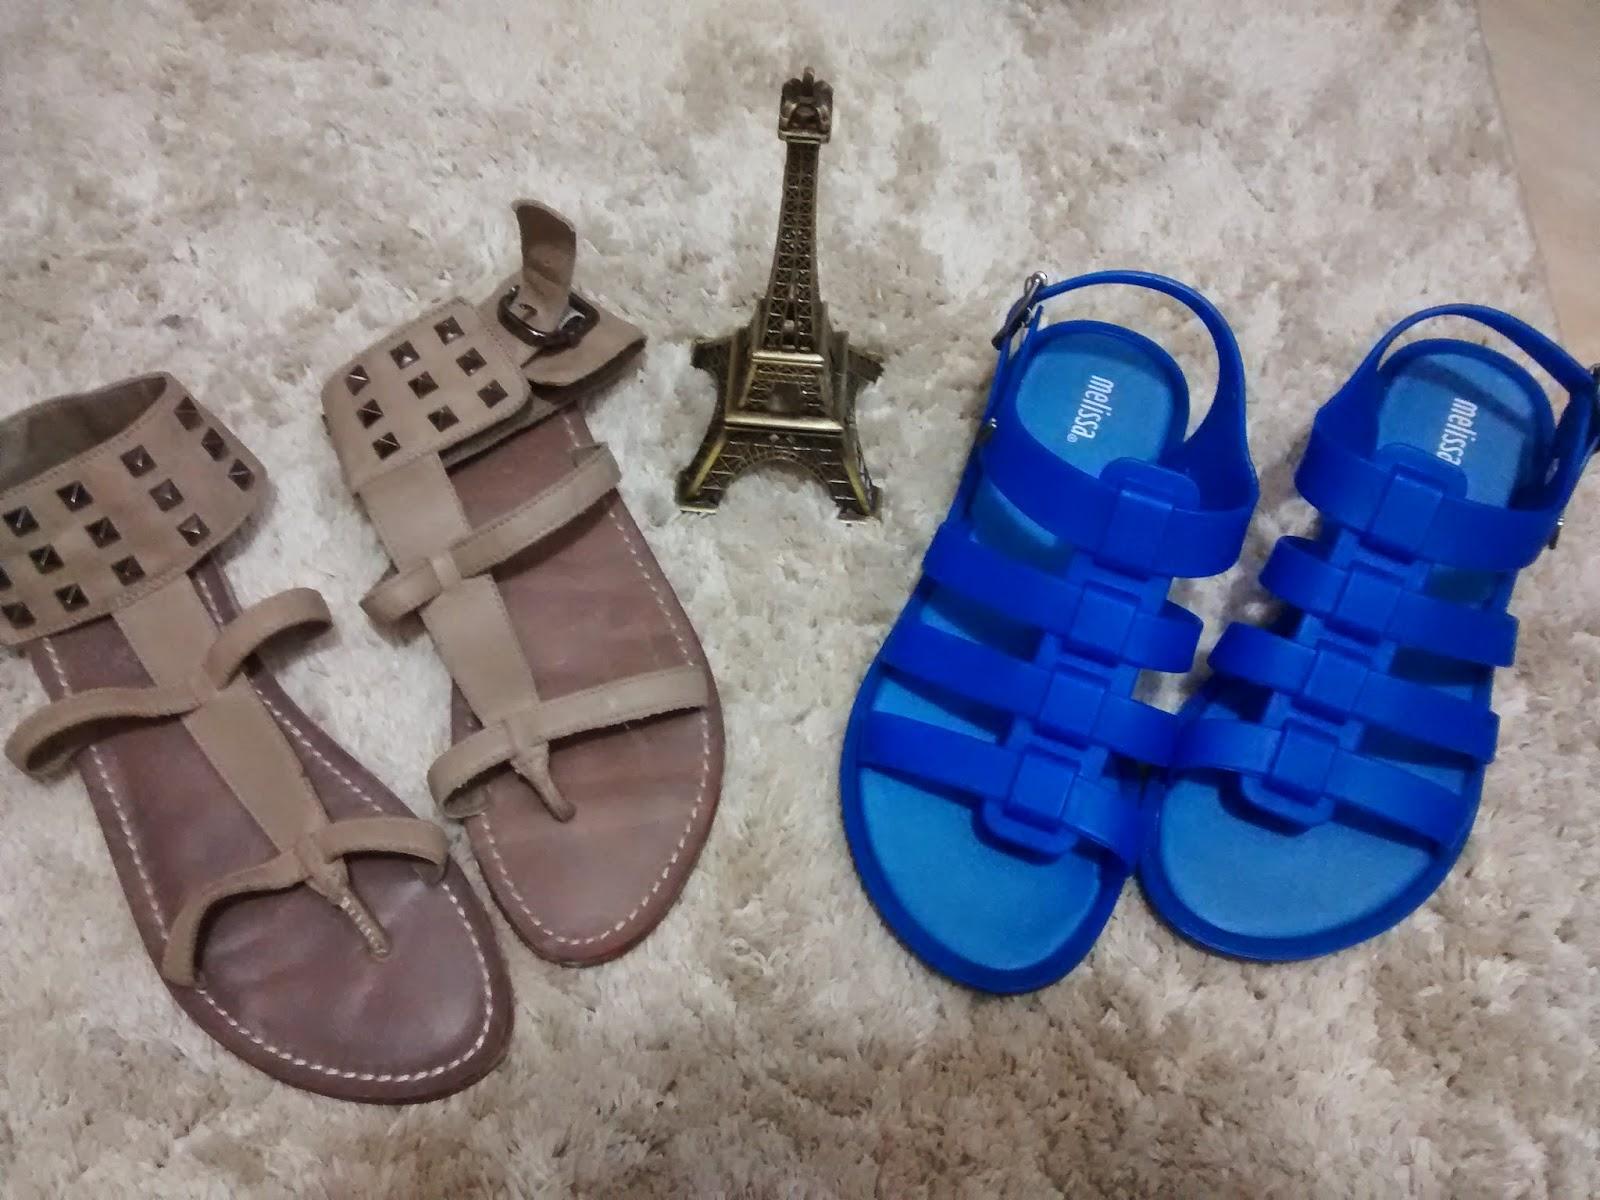 77d532d34 Rasteiras: As rasteirinhas, também conhecidas como rasteiras, são sandálias  sem salto algum e extremamente confortáveis. Perfeitas para o verão, ...